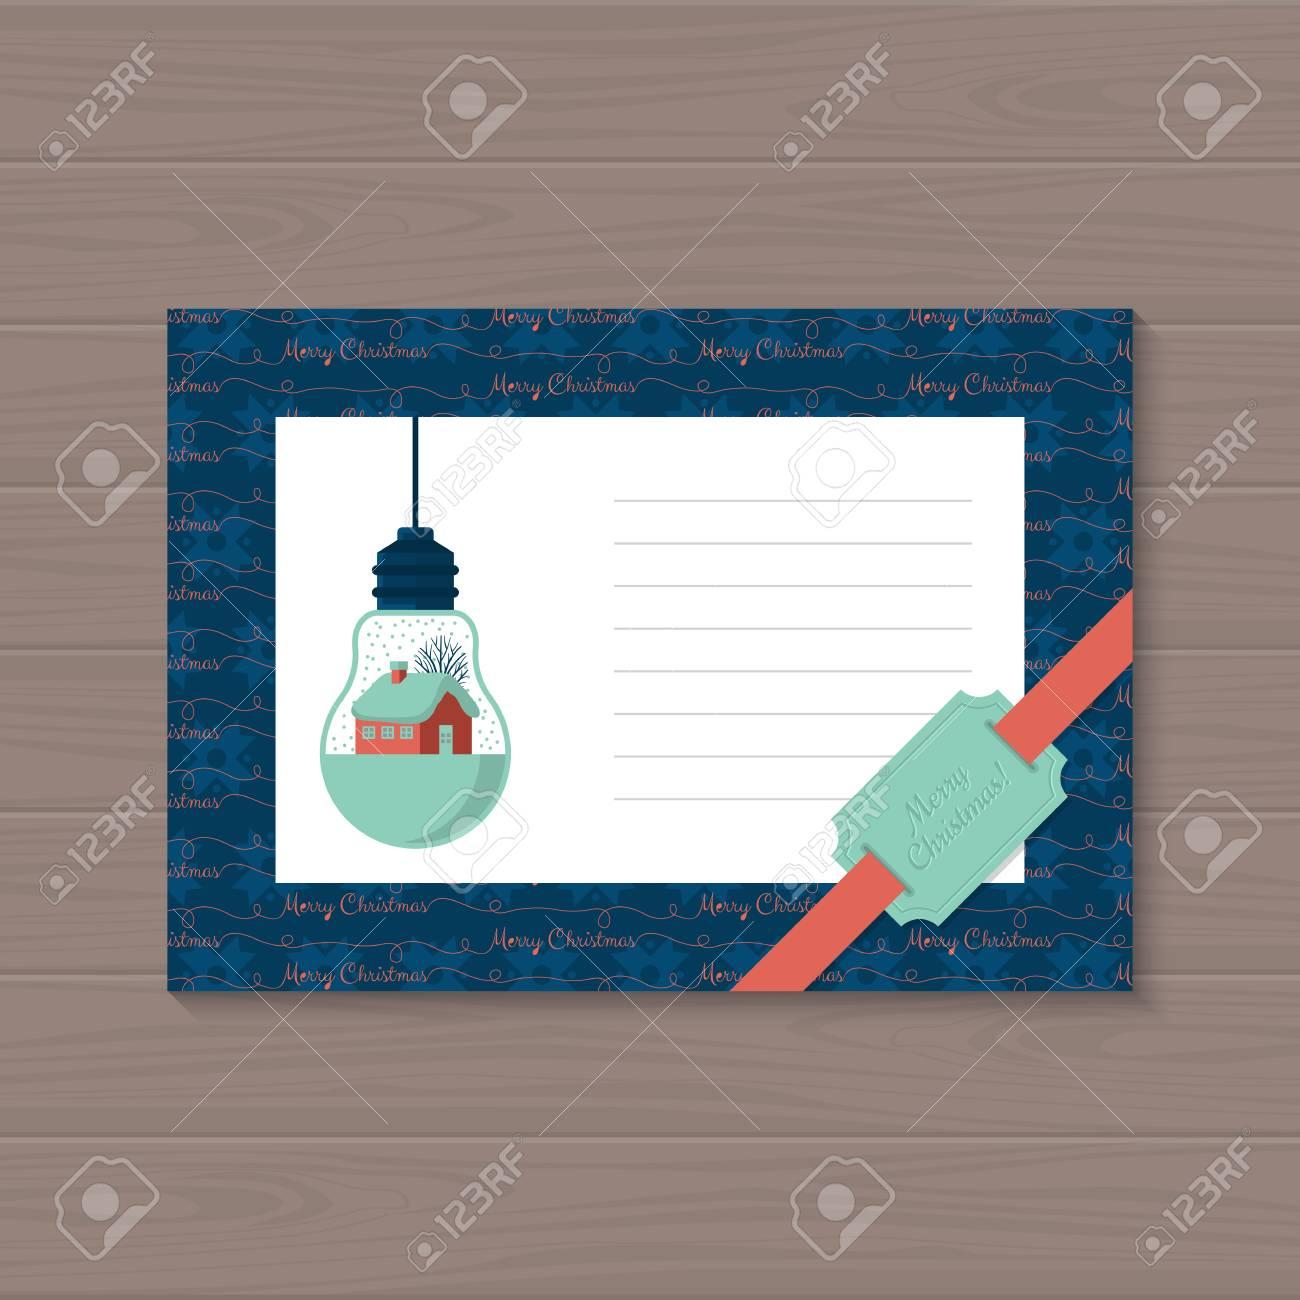 Modern Christmas Card Flat Stylish Design. Christmas Greeting ...